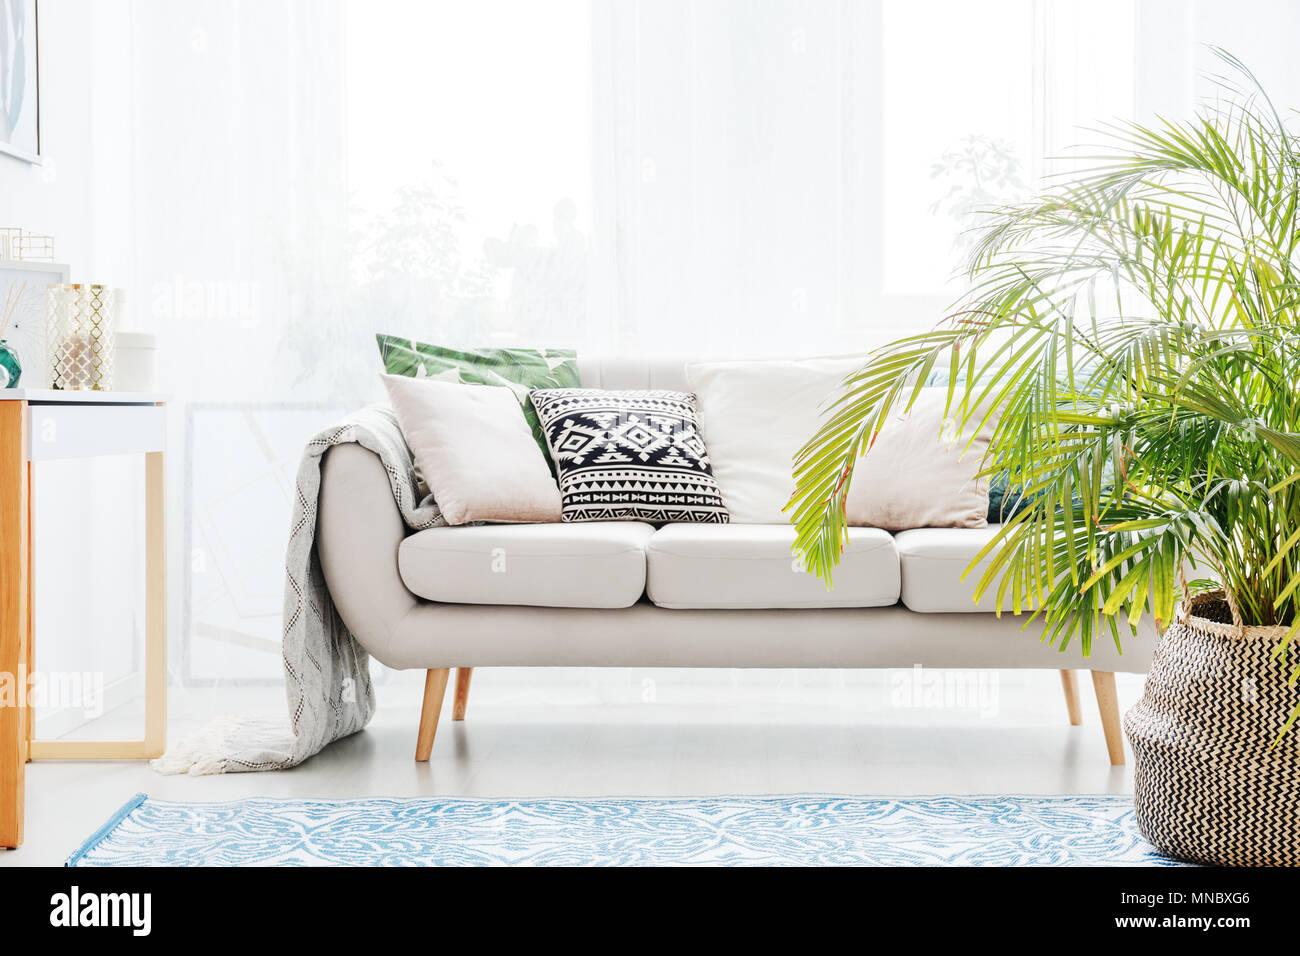 Neben Beige Sofa Mit Hellen Kissen In Wohnzimmer Mit Blauem Teppich